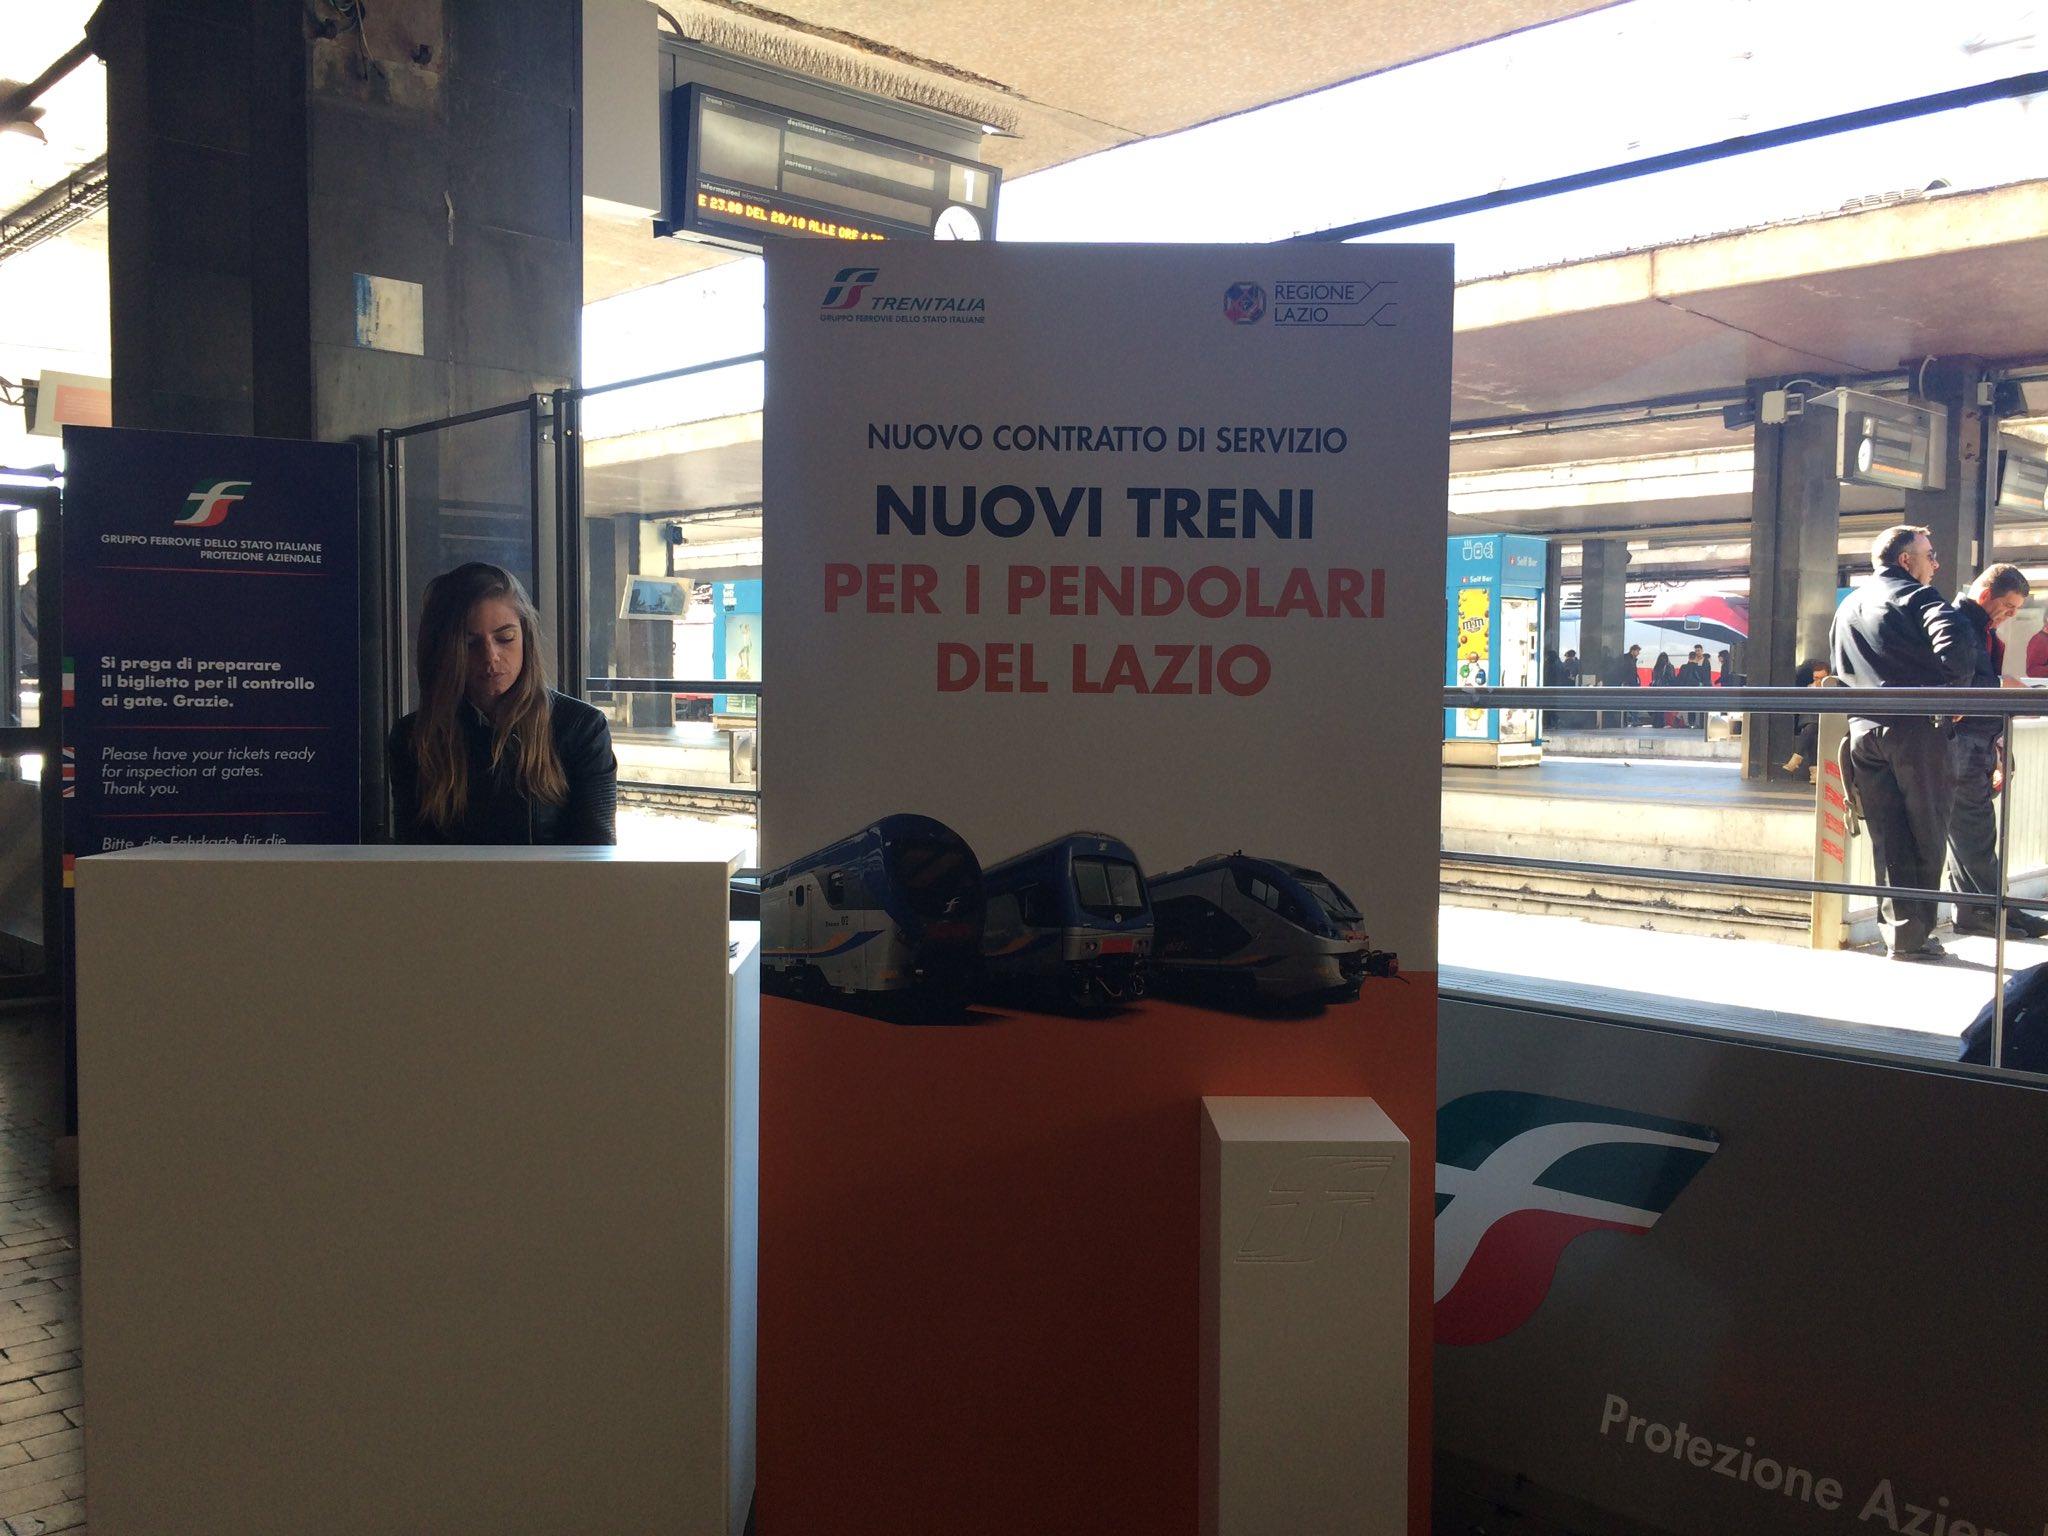 Nuovo contratto di servizio tra Trenitalia e @RegioneLazio. A breve conferenza stampa #RomaTermini https://t.co/rQVeEjEoLB